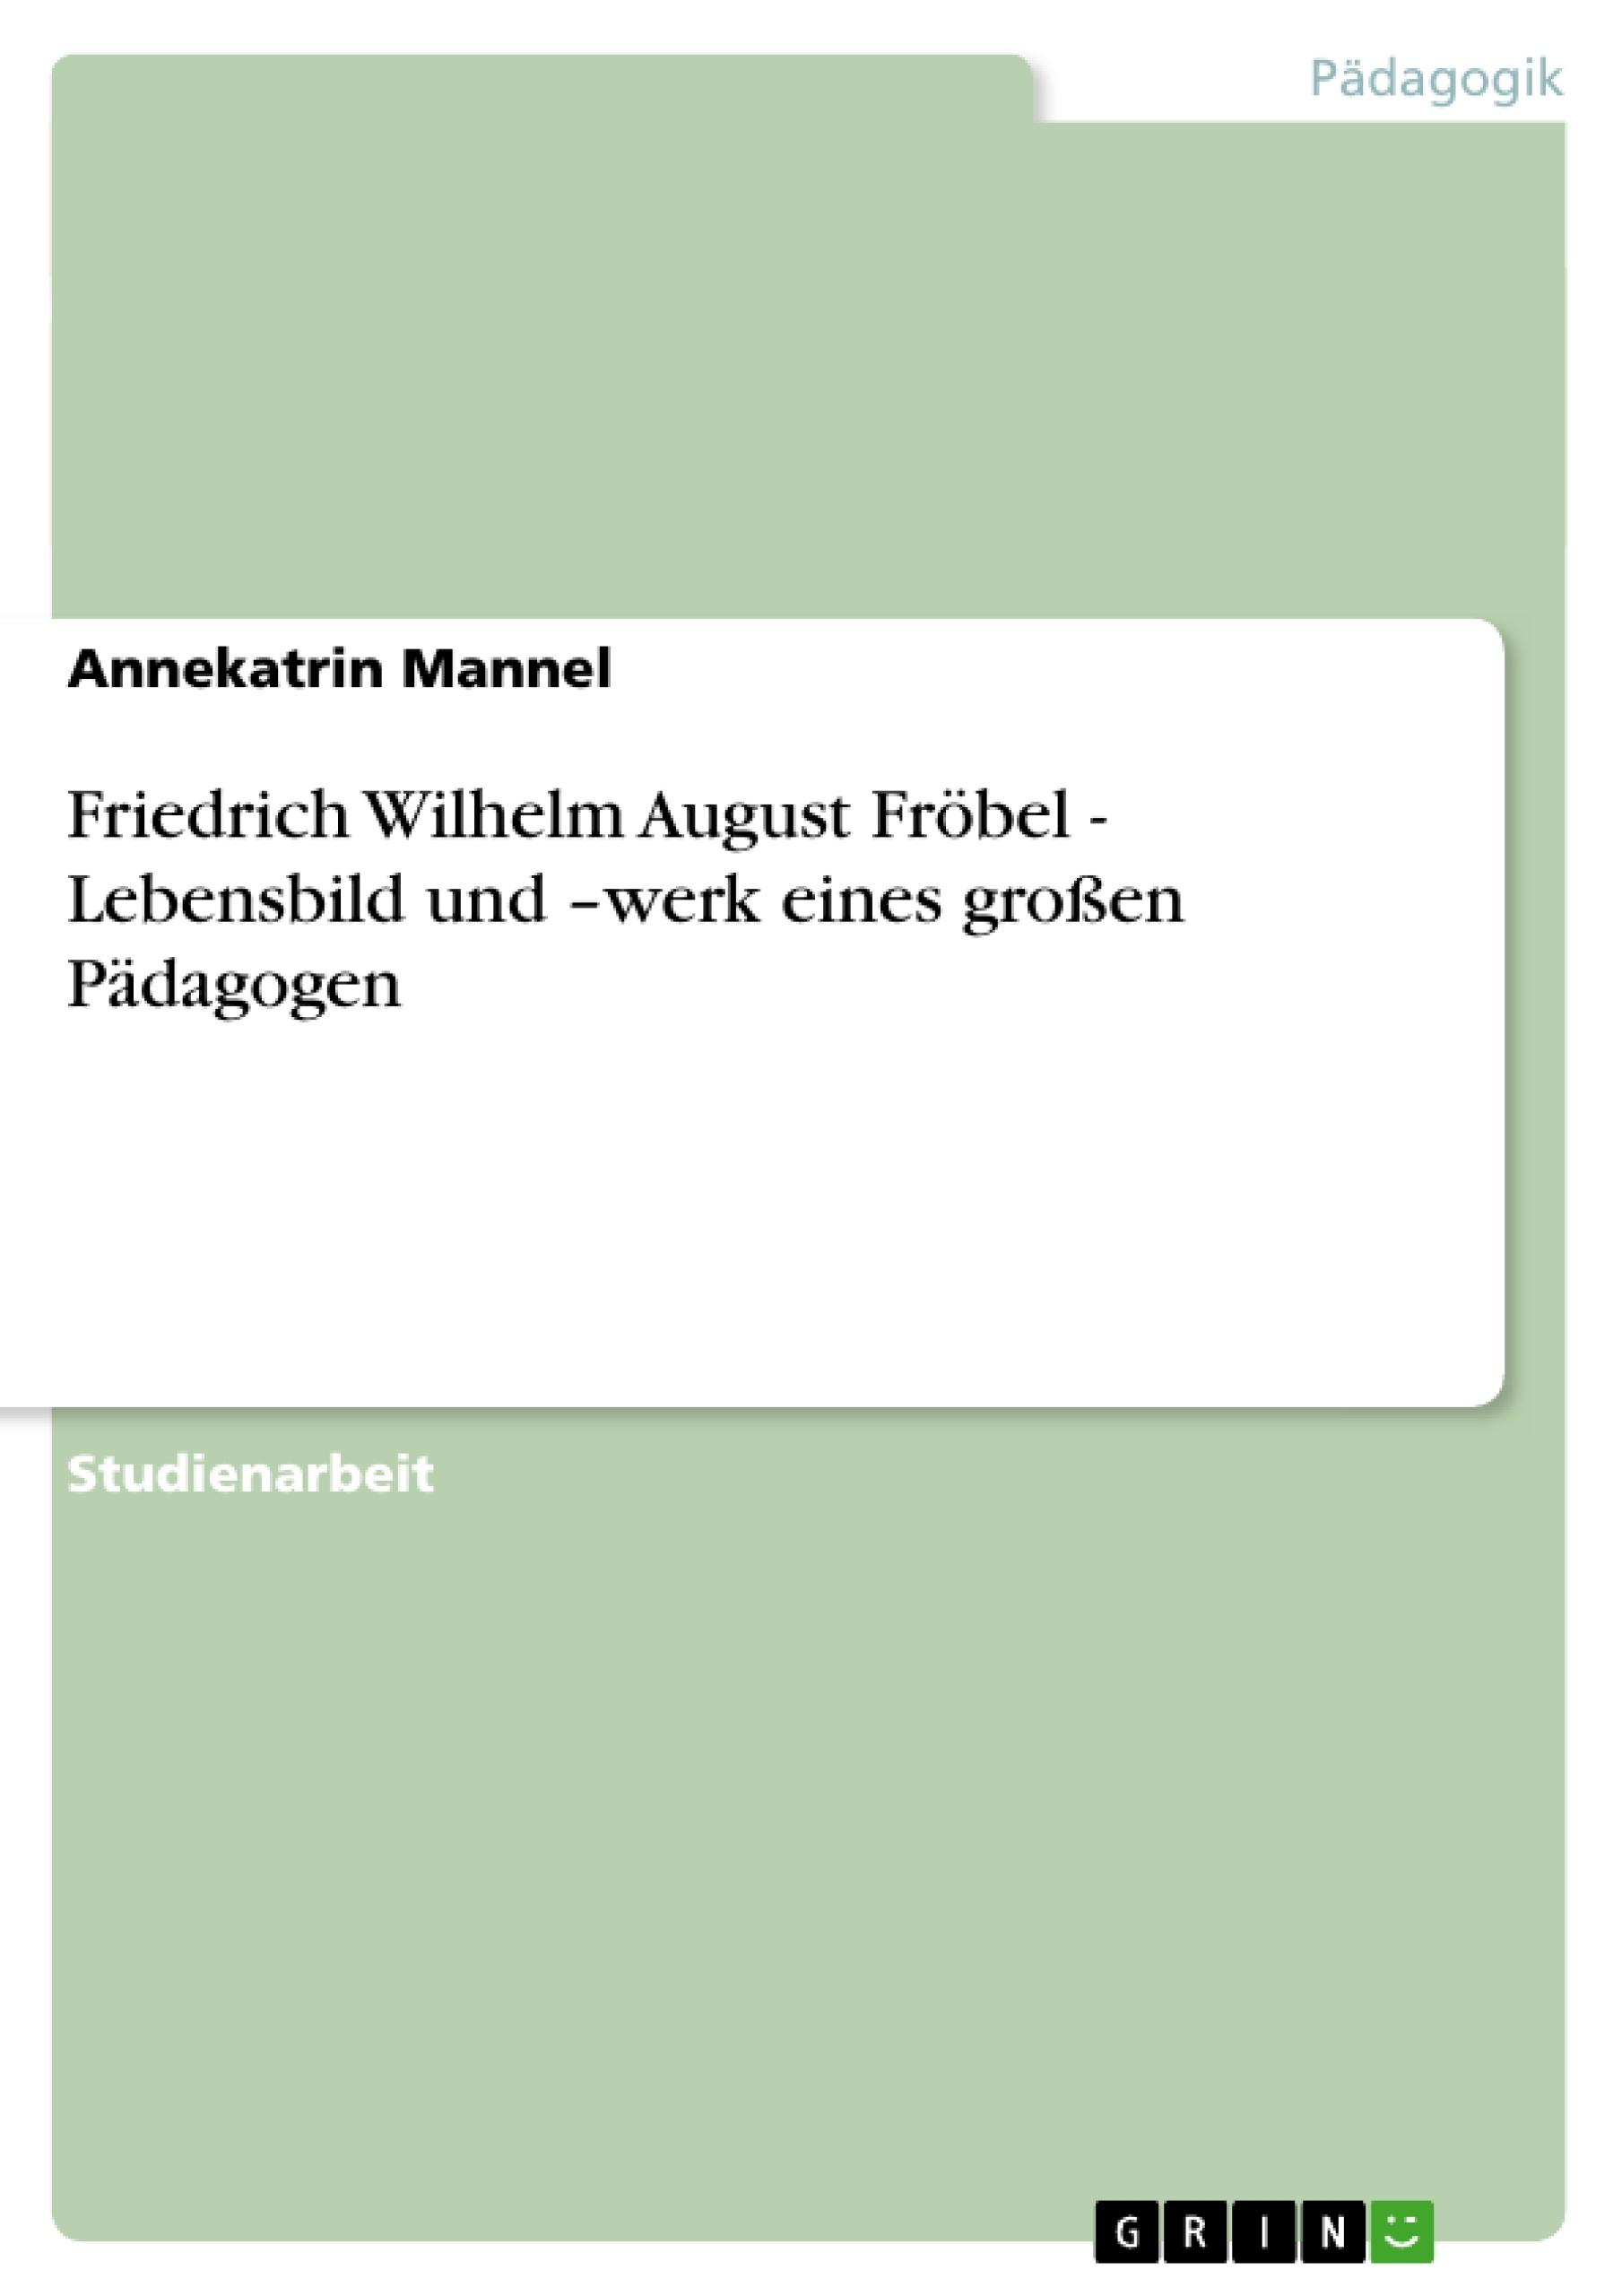 Titel: Friedrich Wilhelm August Fröbel - Lebensbild und –werk eines großen Pädagogen